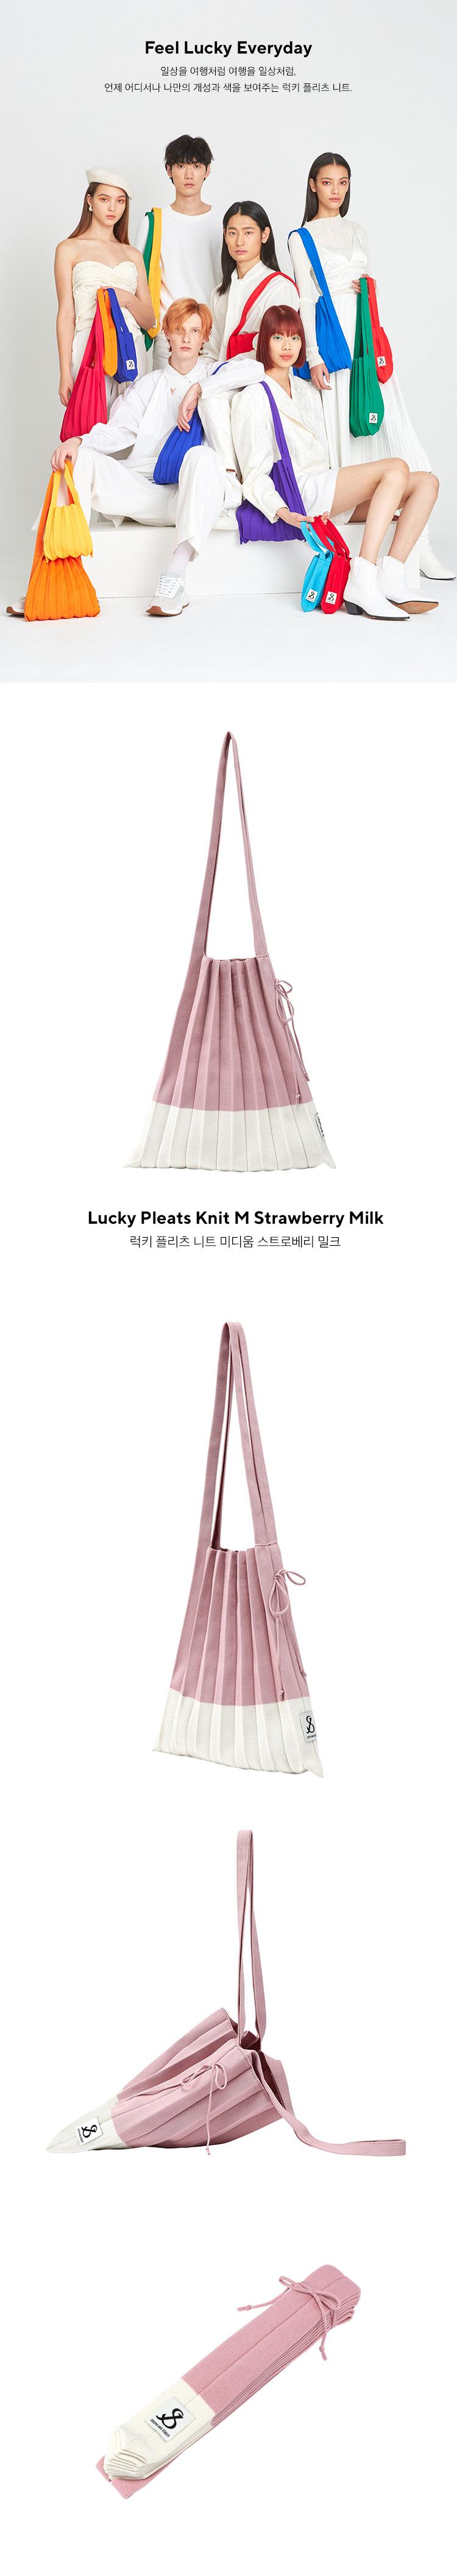 조셉앤스테이시(JOSEPH&STACEY) Lucky Pleats Knit M Strawberry Milk